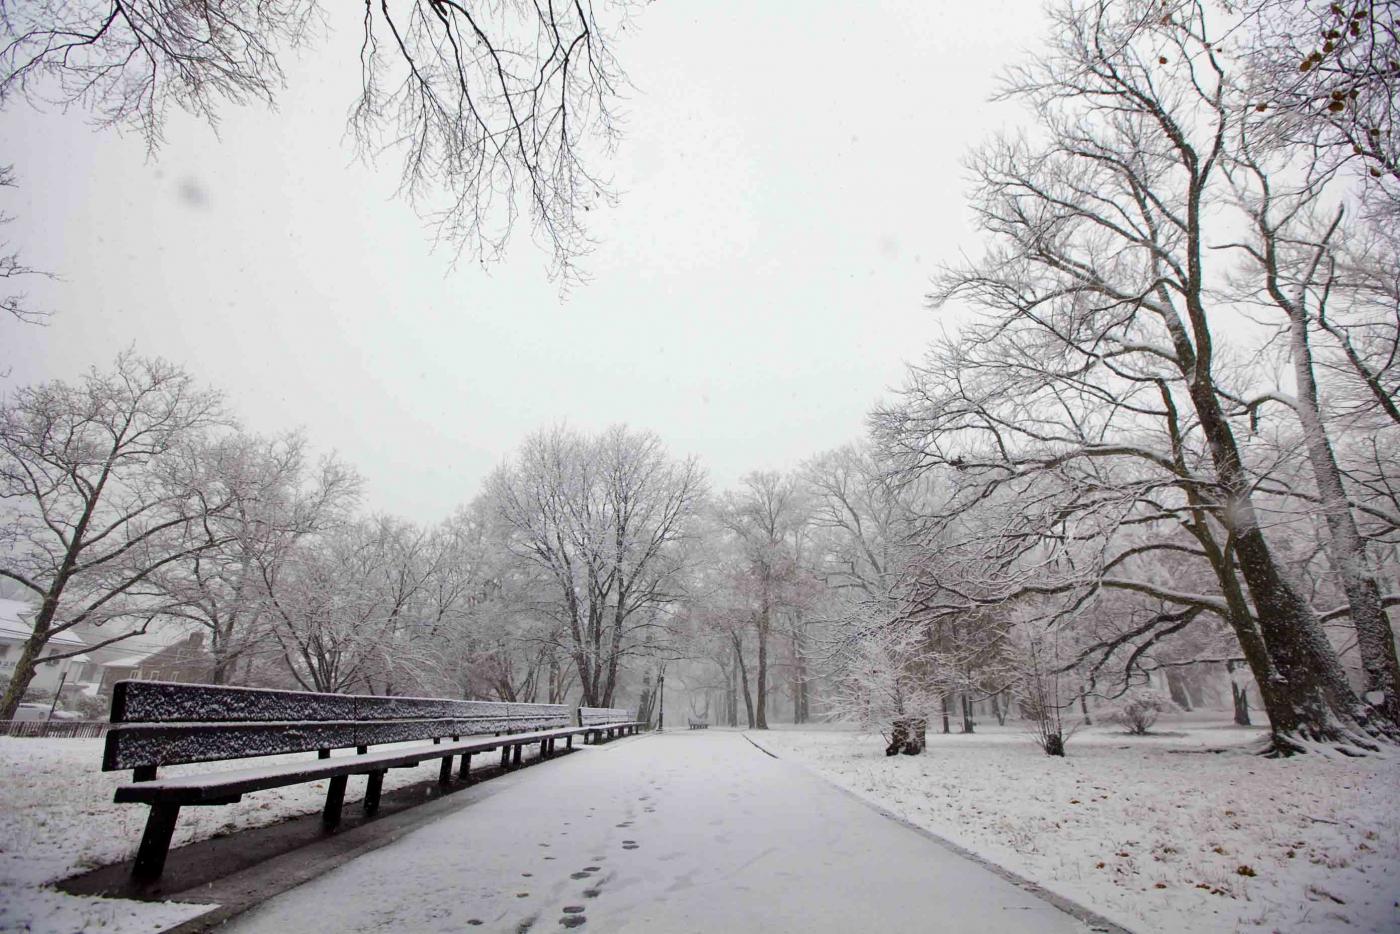 雪中即景_图1-13